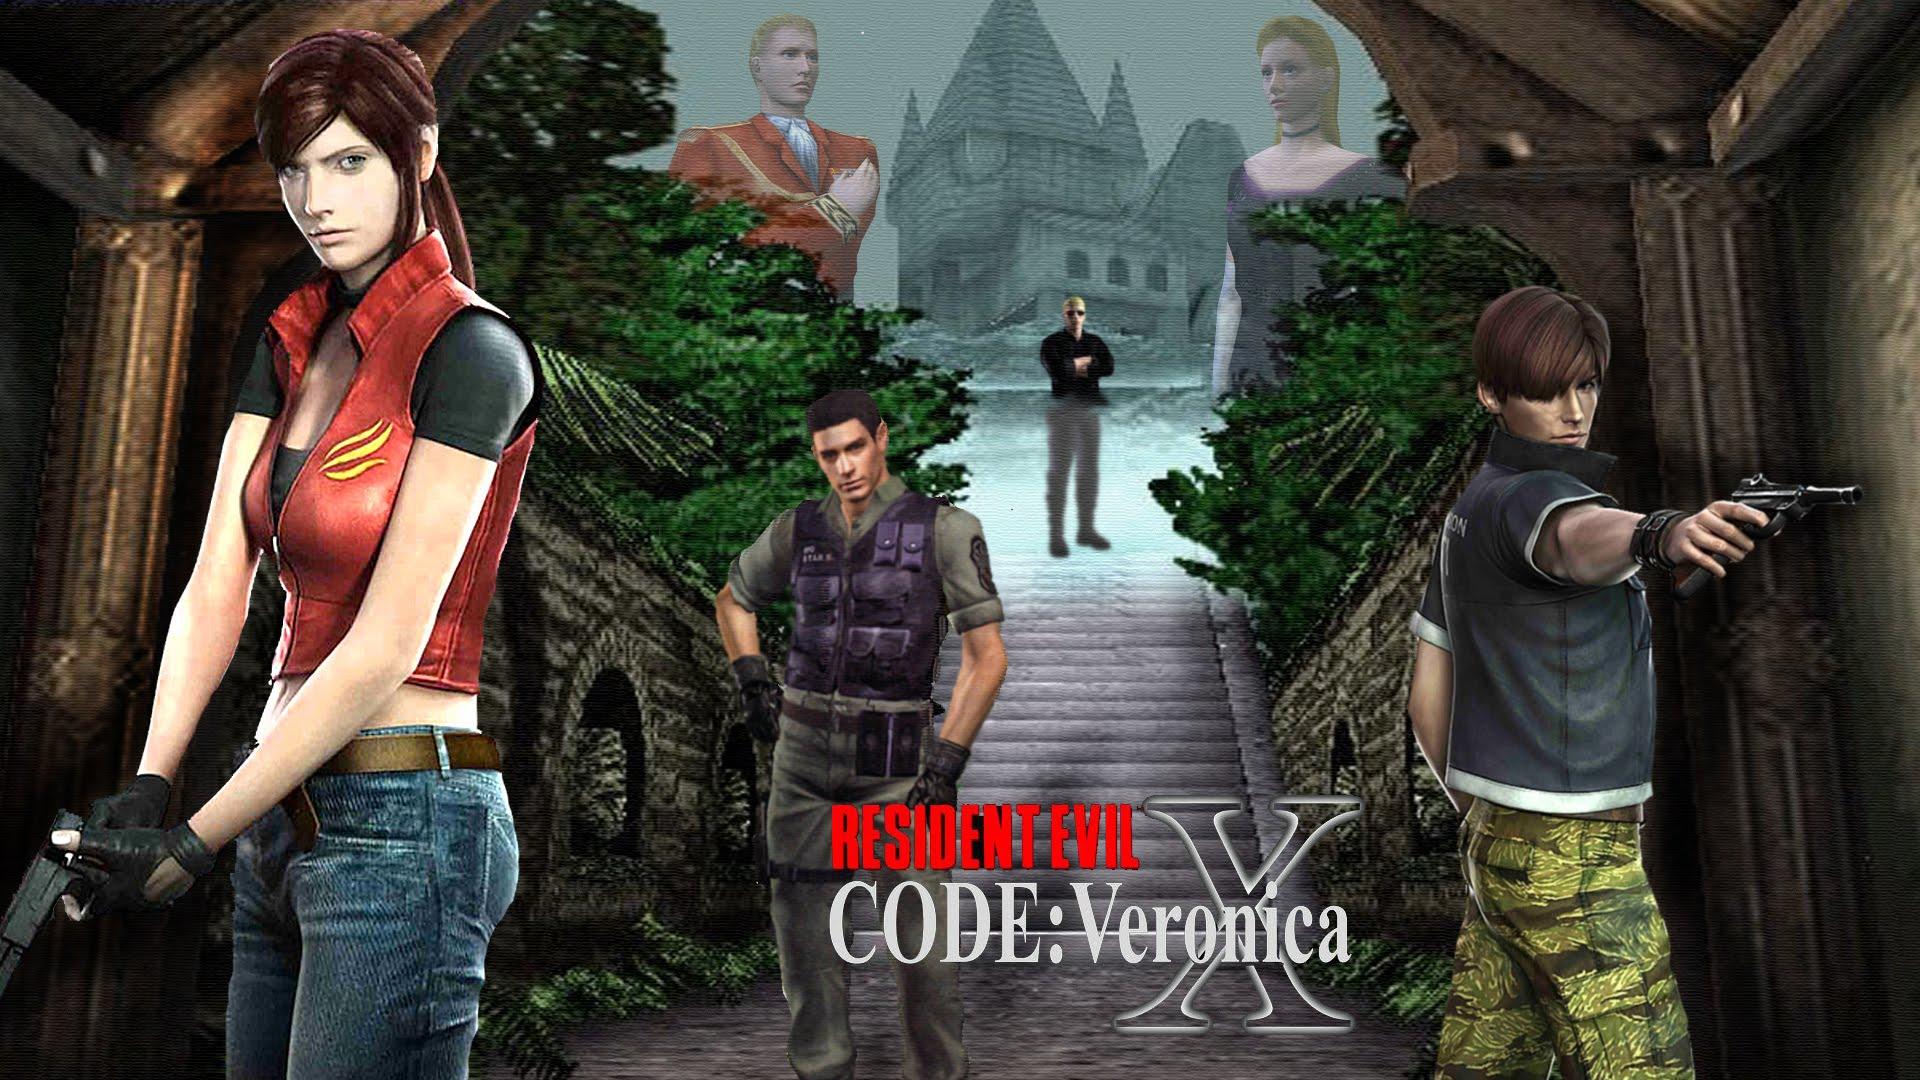 Resident Evil:Code Veronica